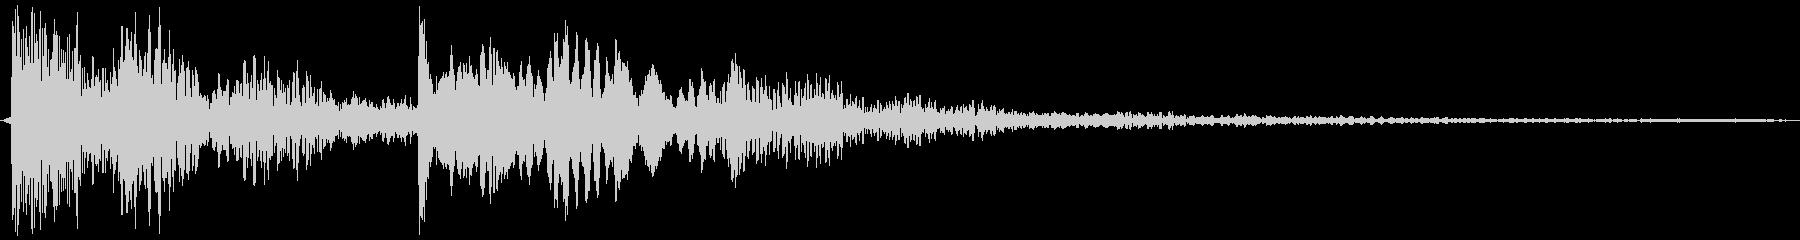 回復系(電子音)の未再生の波形